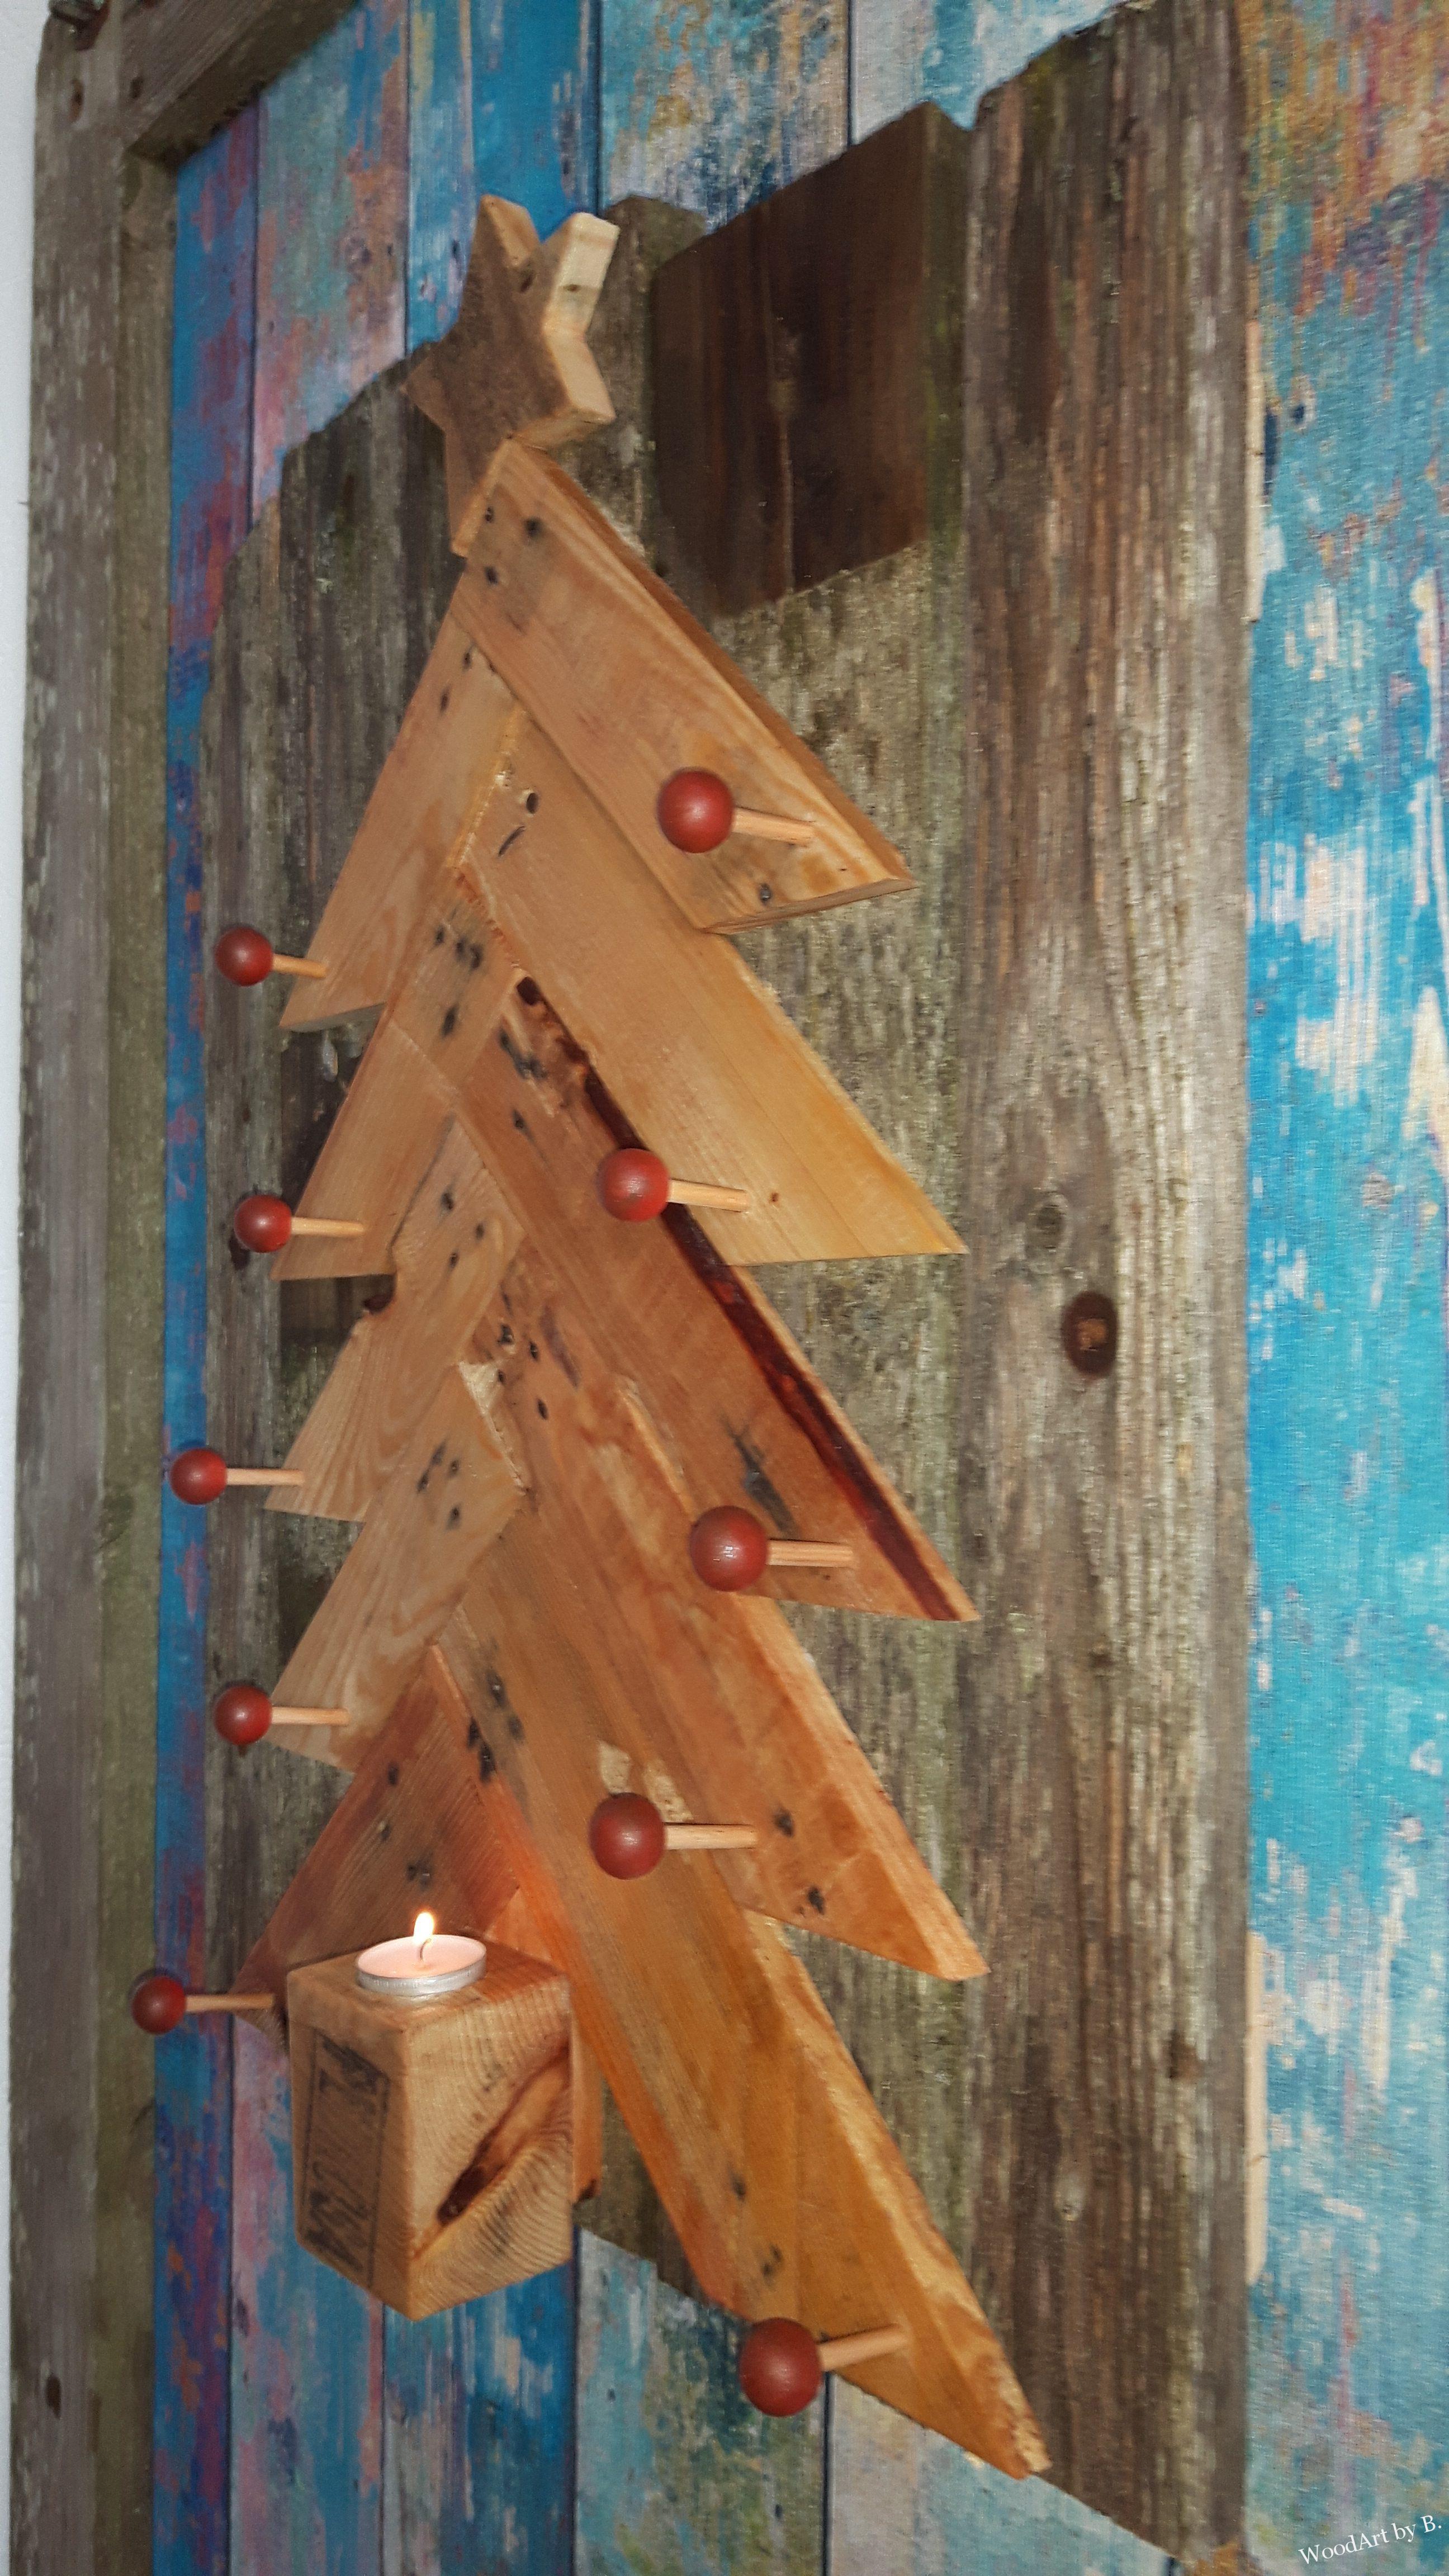 weihnachtsbaum aus altholz mit kerze woodart by b. Black Bedroom Furniture Sets. Home Design Ideas